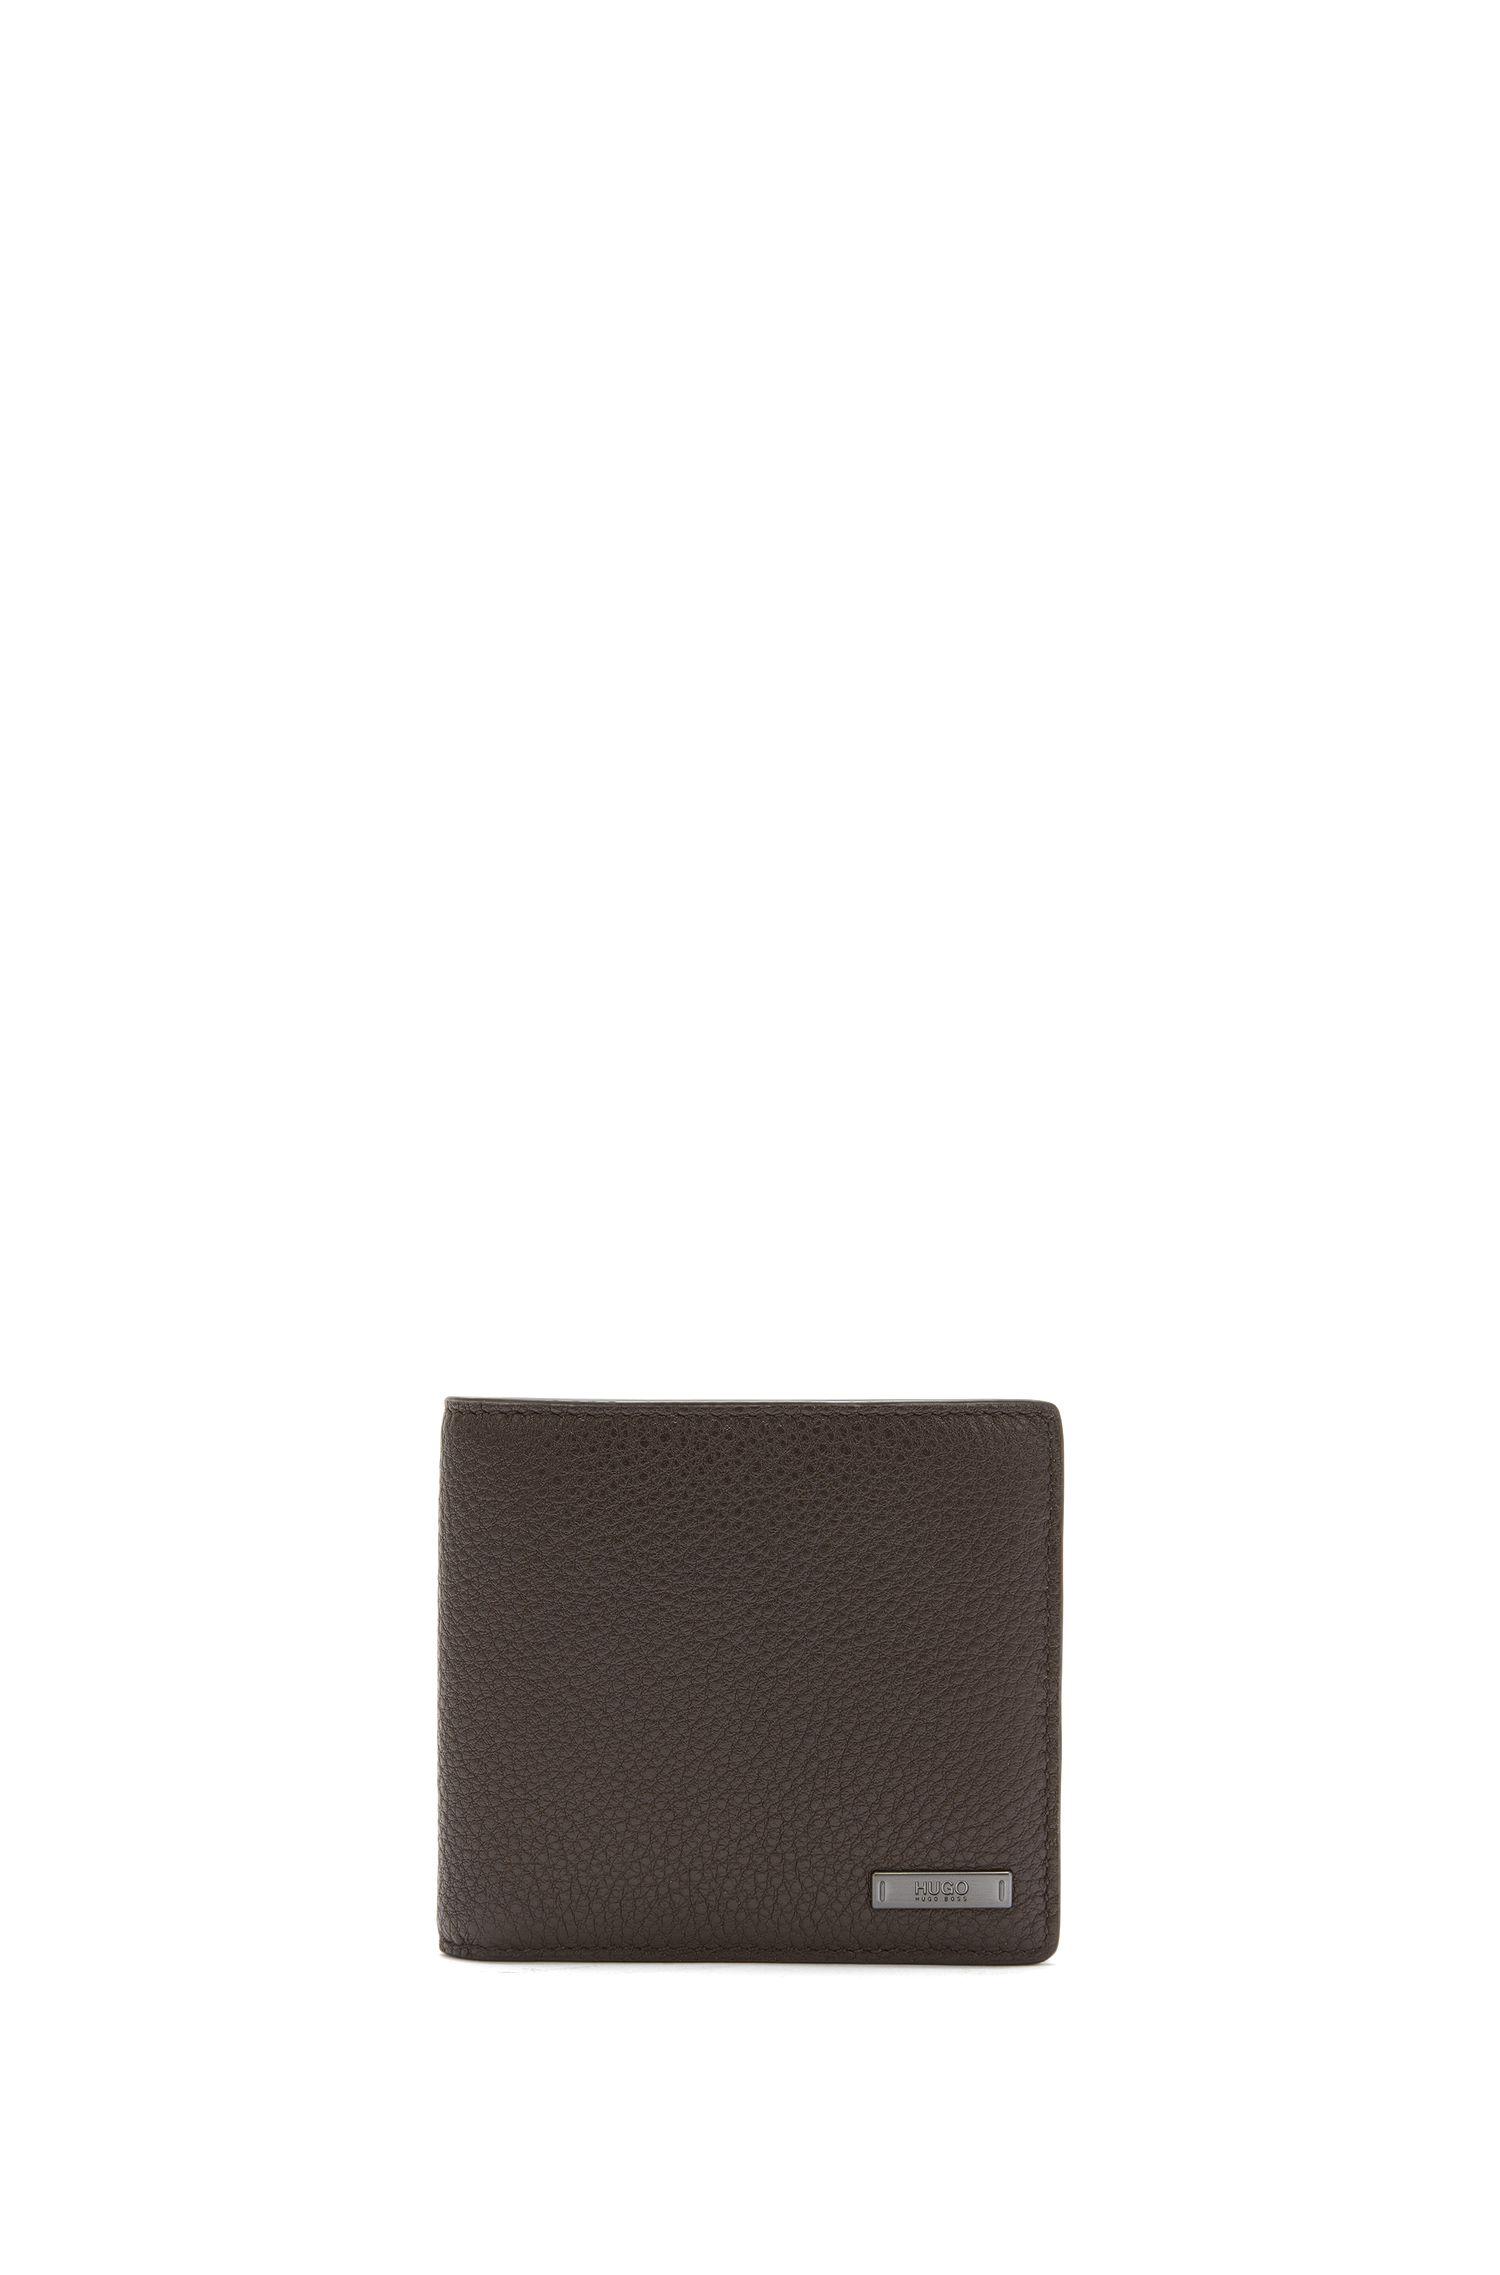 Portafoglio bi-fold in pelle martellata con otto scomparti per carte